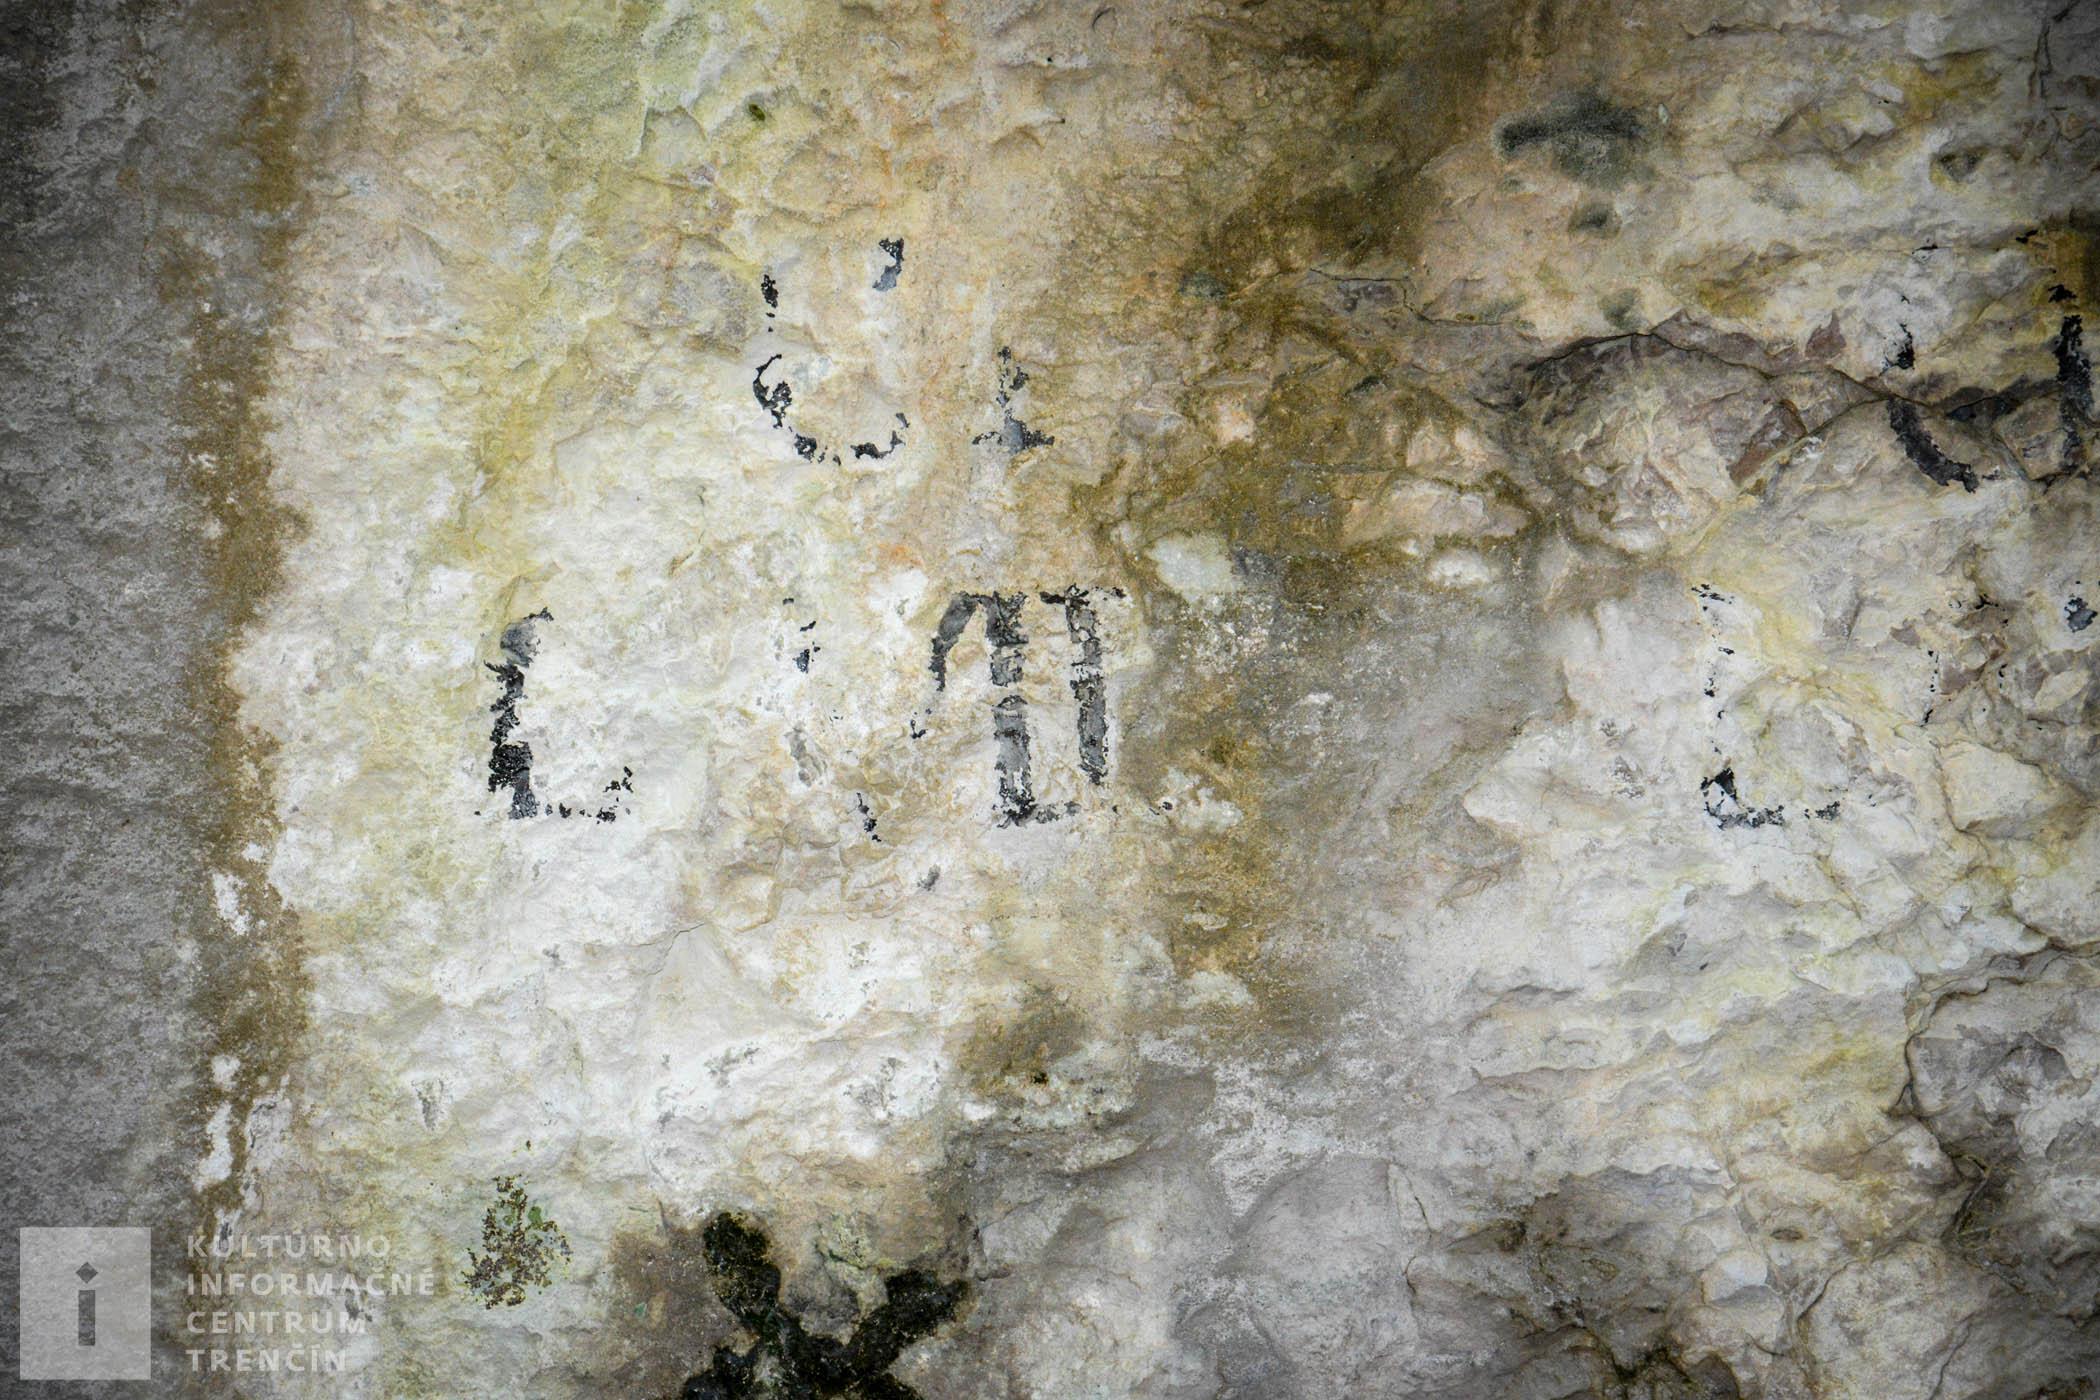 Dobre sa v jaskyni poobzerajte po stenách. Na niektorých miestach zbadáte rôzne nápisy. Väčšina z nich pochádza zo začiatku 20. storočia.